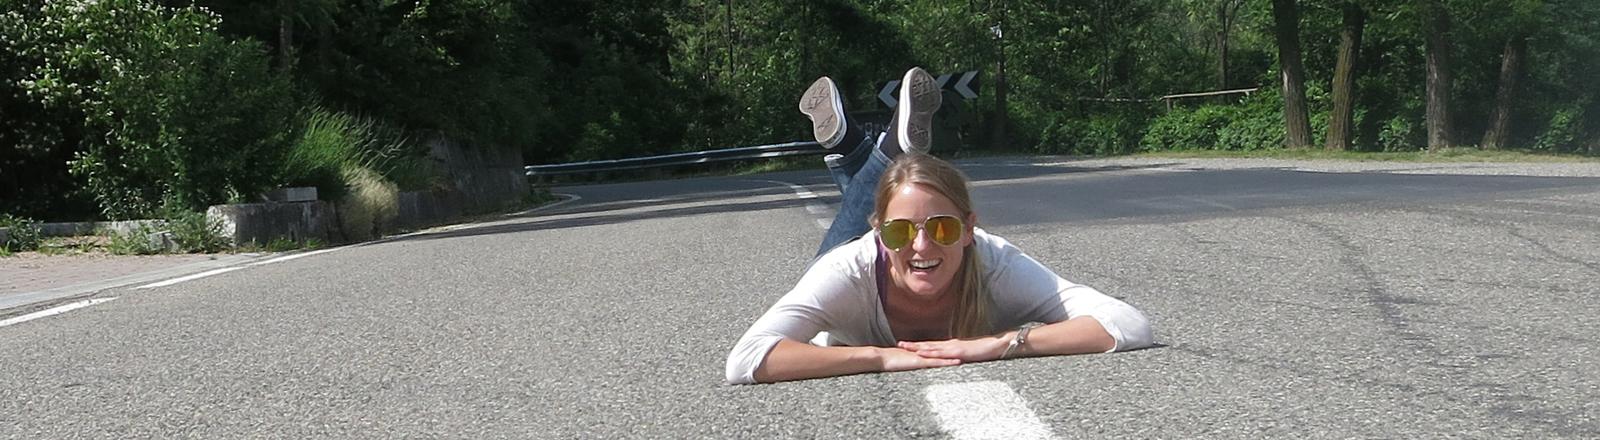 Felicia Hargarten liegt auf dem Mittelstreifen eine Straße und lacht. Sie trägt eine Sonnenbrille.